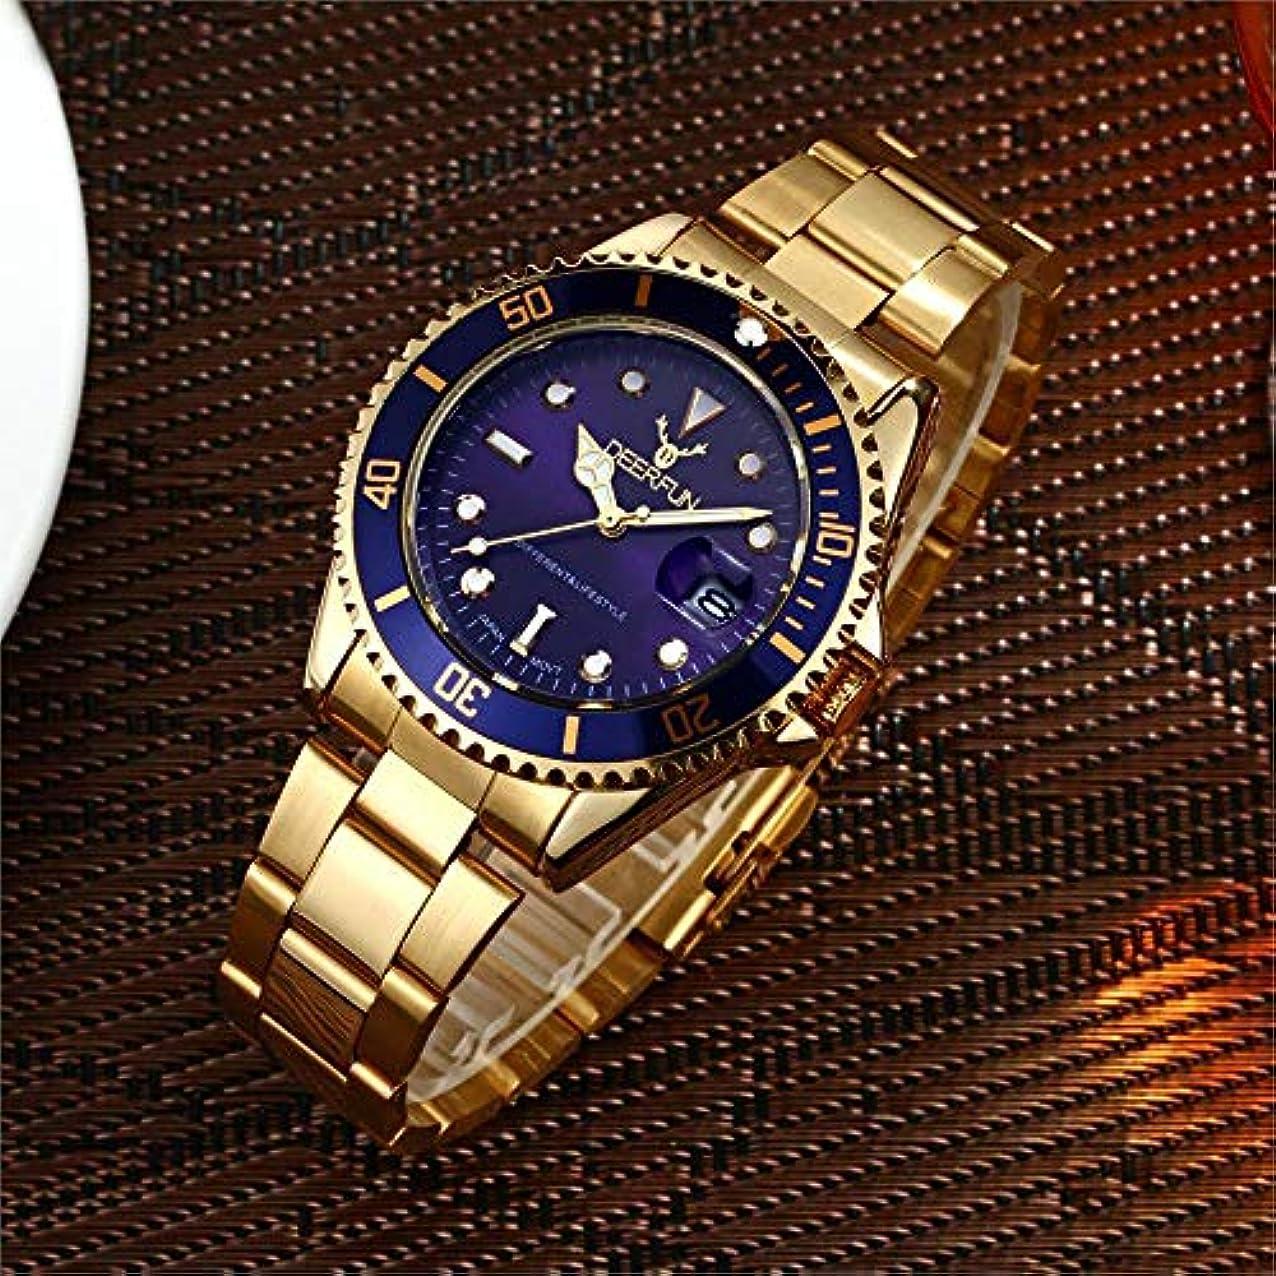 撤回するアコー変化防水腕時計メンズ高級ブランドカジュアルステンレススチールスポーツ腕時計クォーツ腕時計メンズ腕時計 (L)